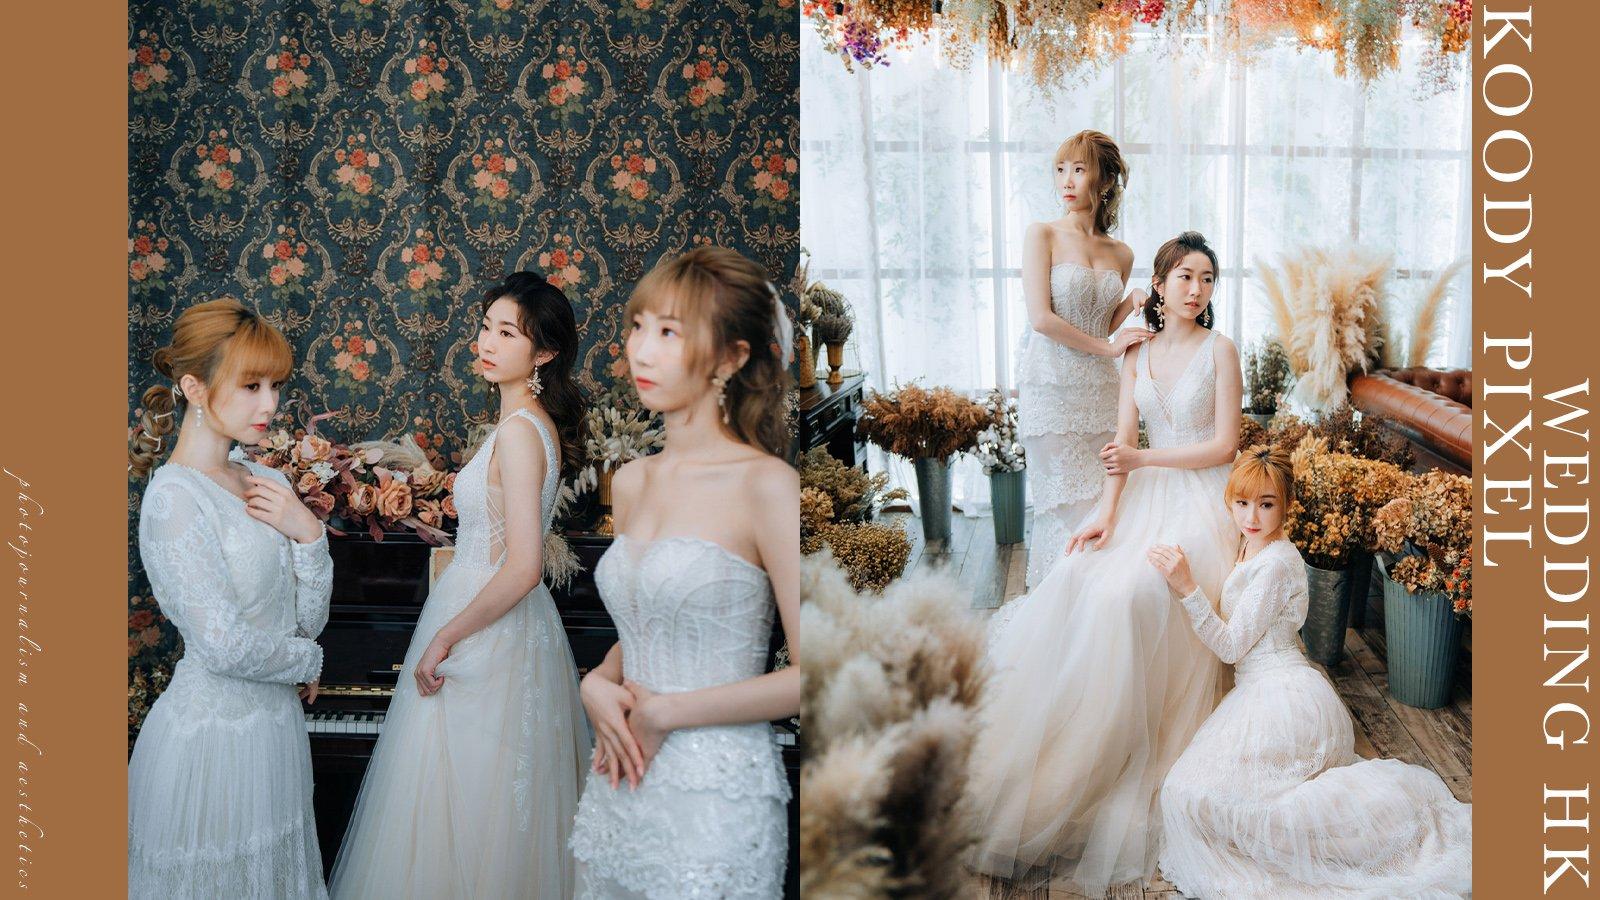 【女生系列】Koody Pixel x WeddingHK首度合作,甜系vs鹽系女孩!